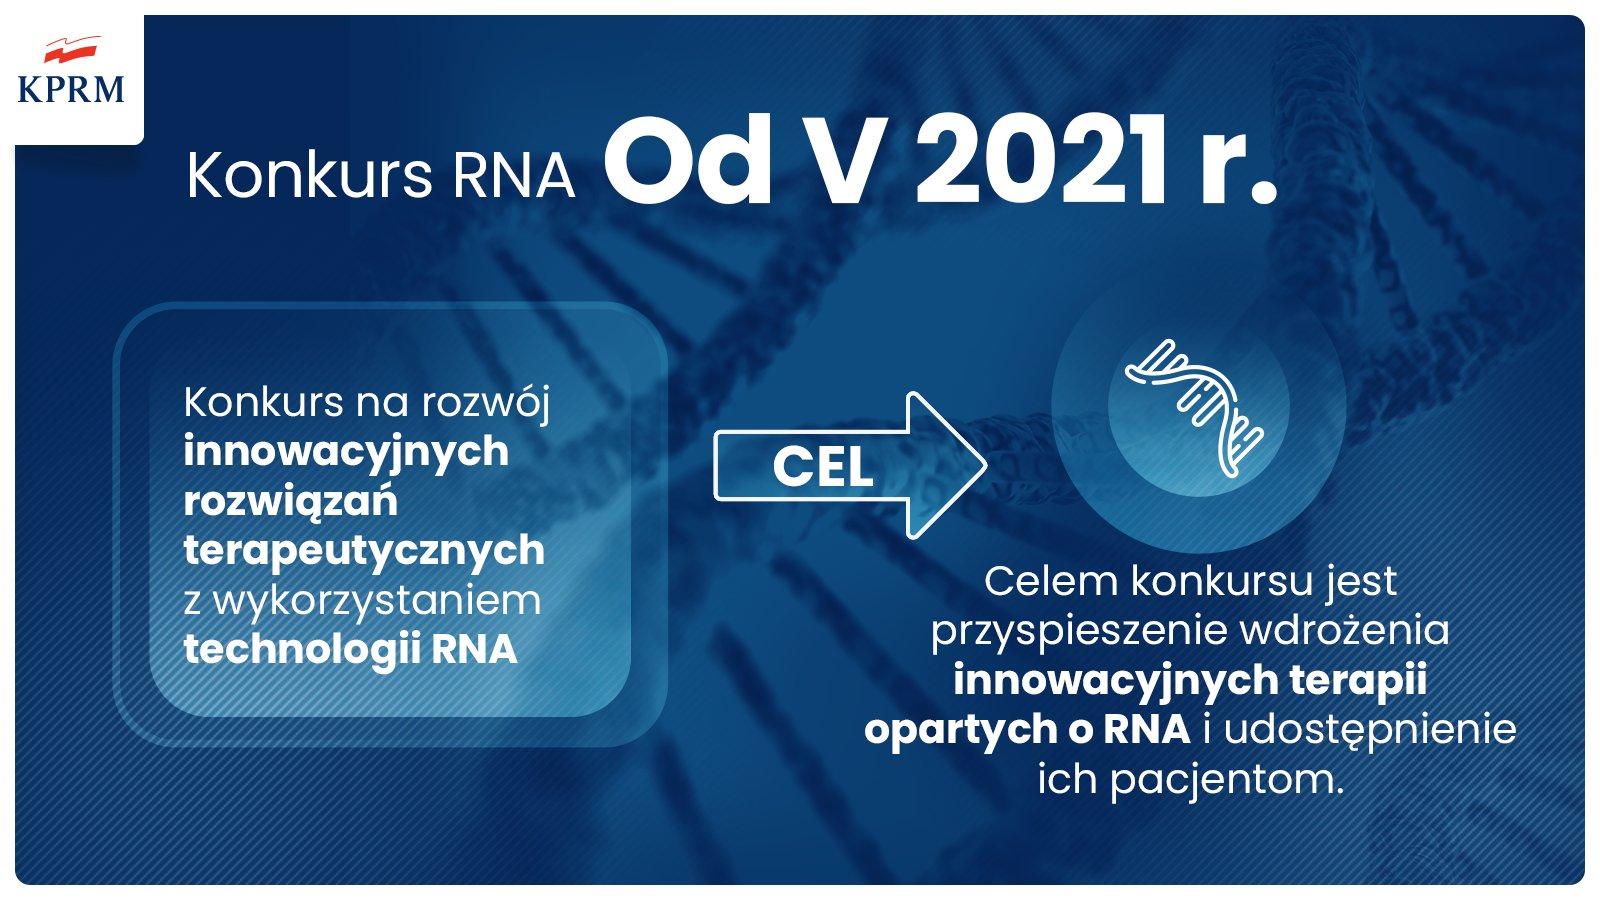 Rząd przekaże środki do zespołów badawczych, pracujących nad najnowszymi technologiami w zakresie biologii molekularnej i technologiami medycznymi